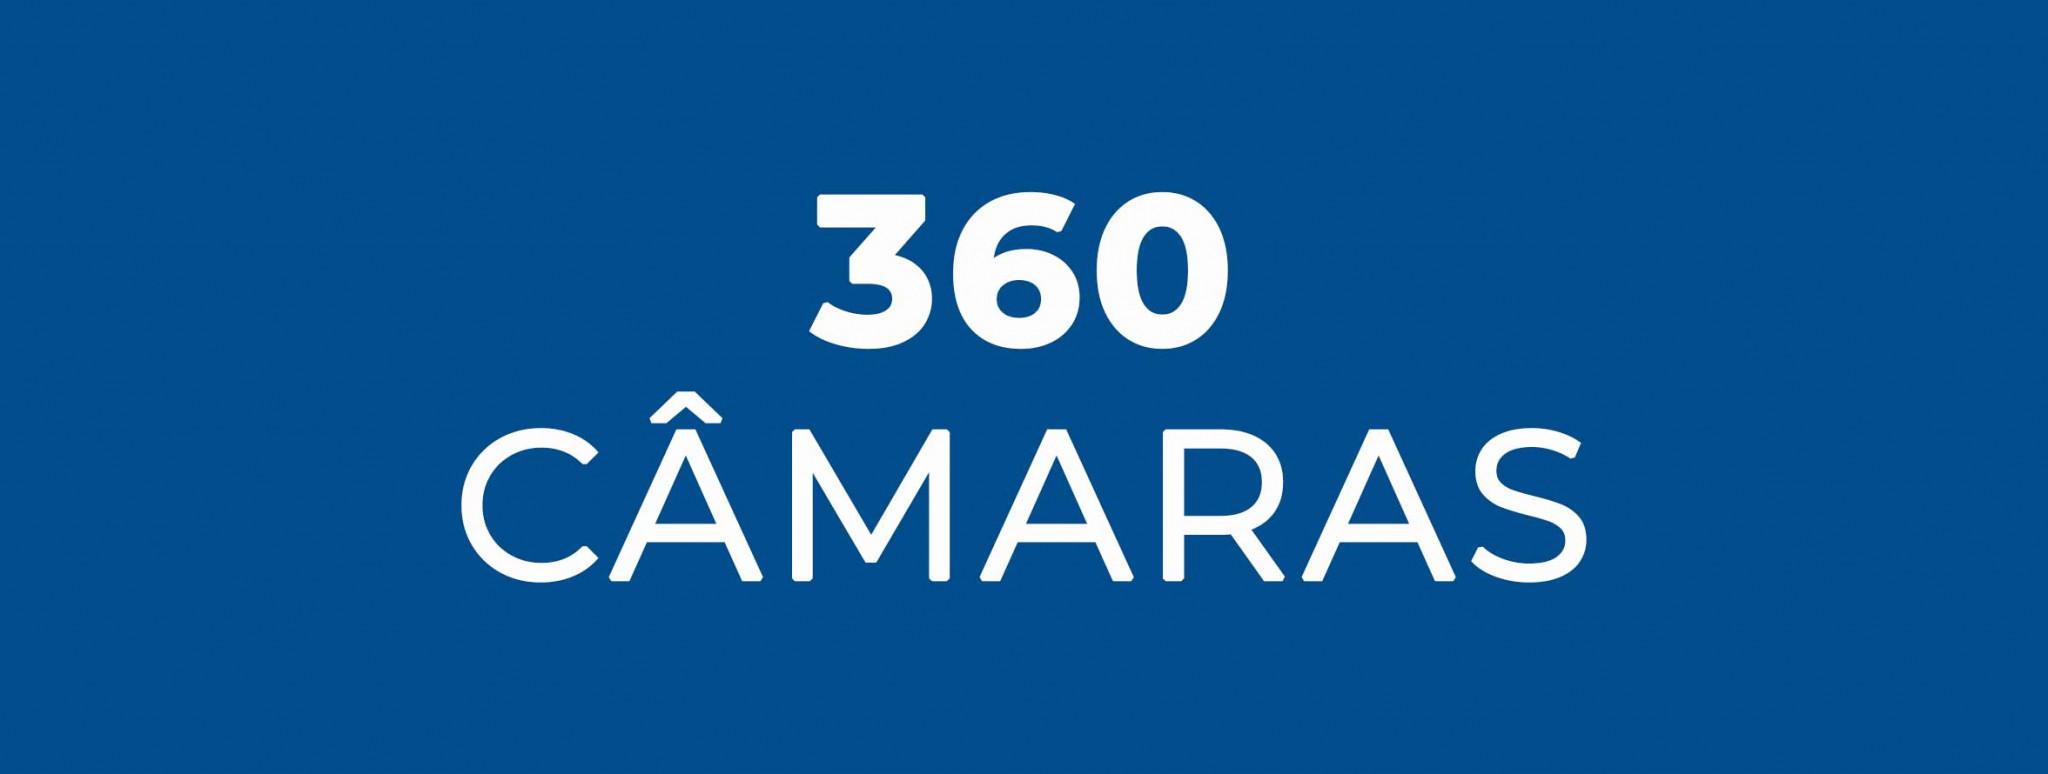 Câmaras 360